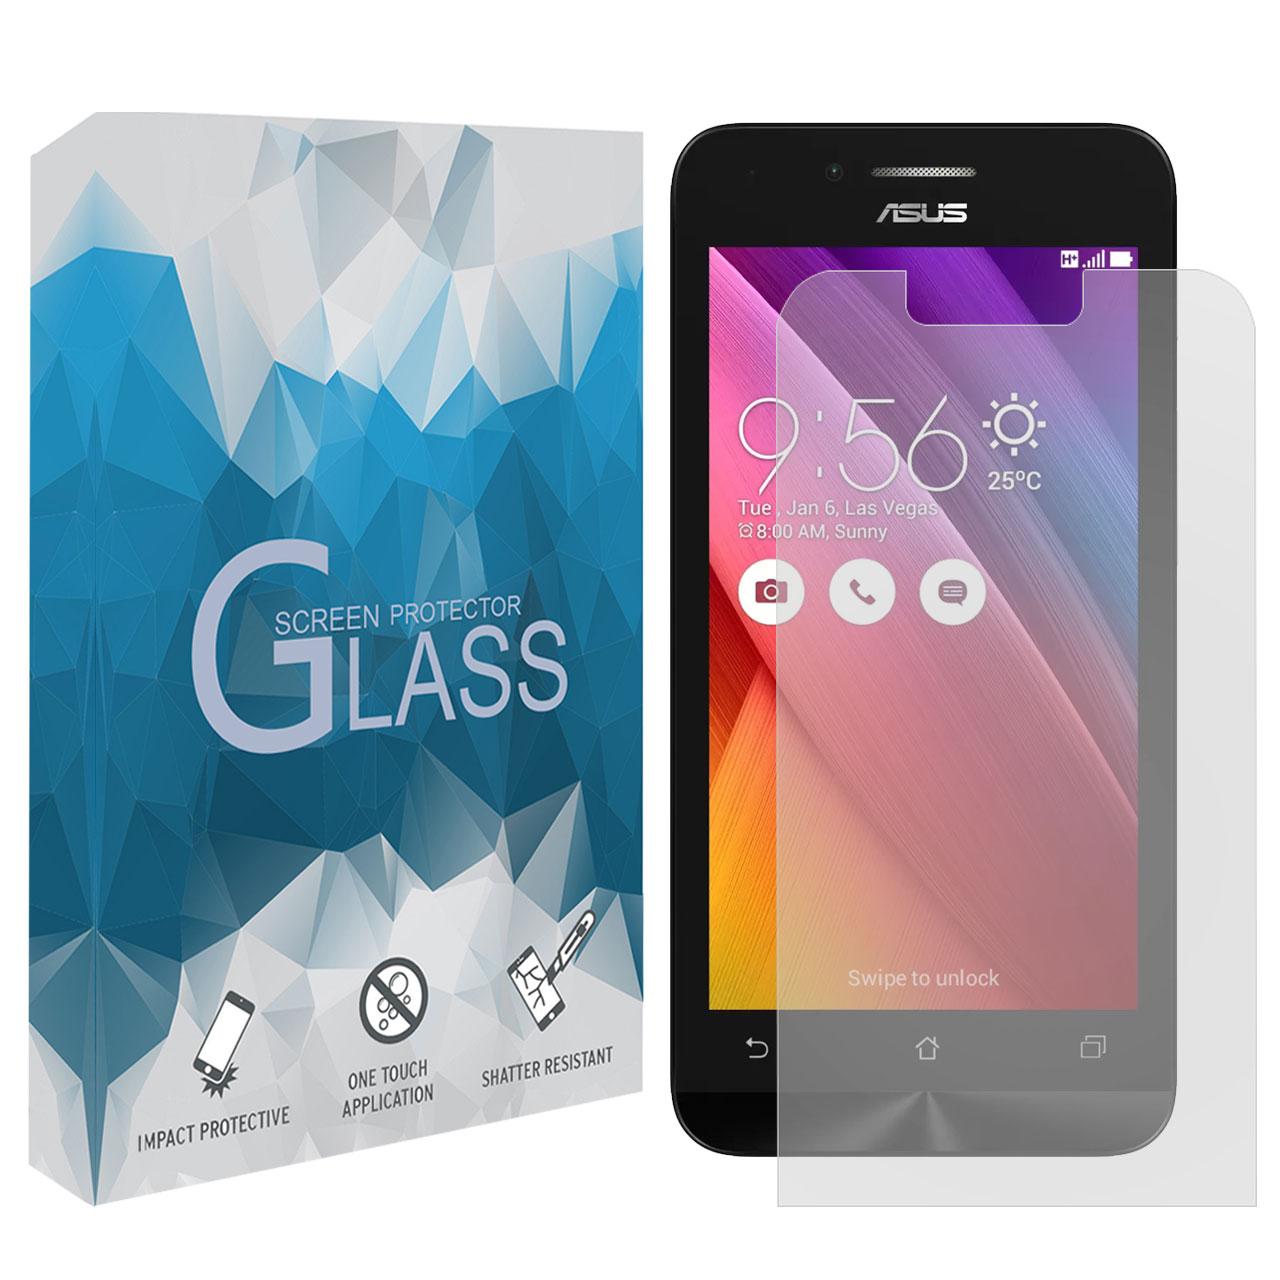 محافظ صفحه نمایش مدل TGSP مناسب برای گوشی موبایل ایسوس Zenfone Go ZC451TG / Go 4.5